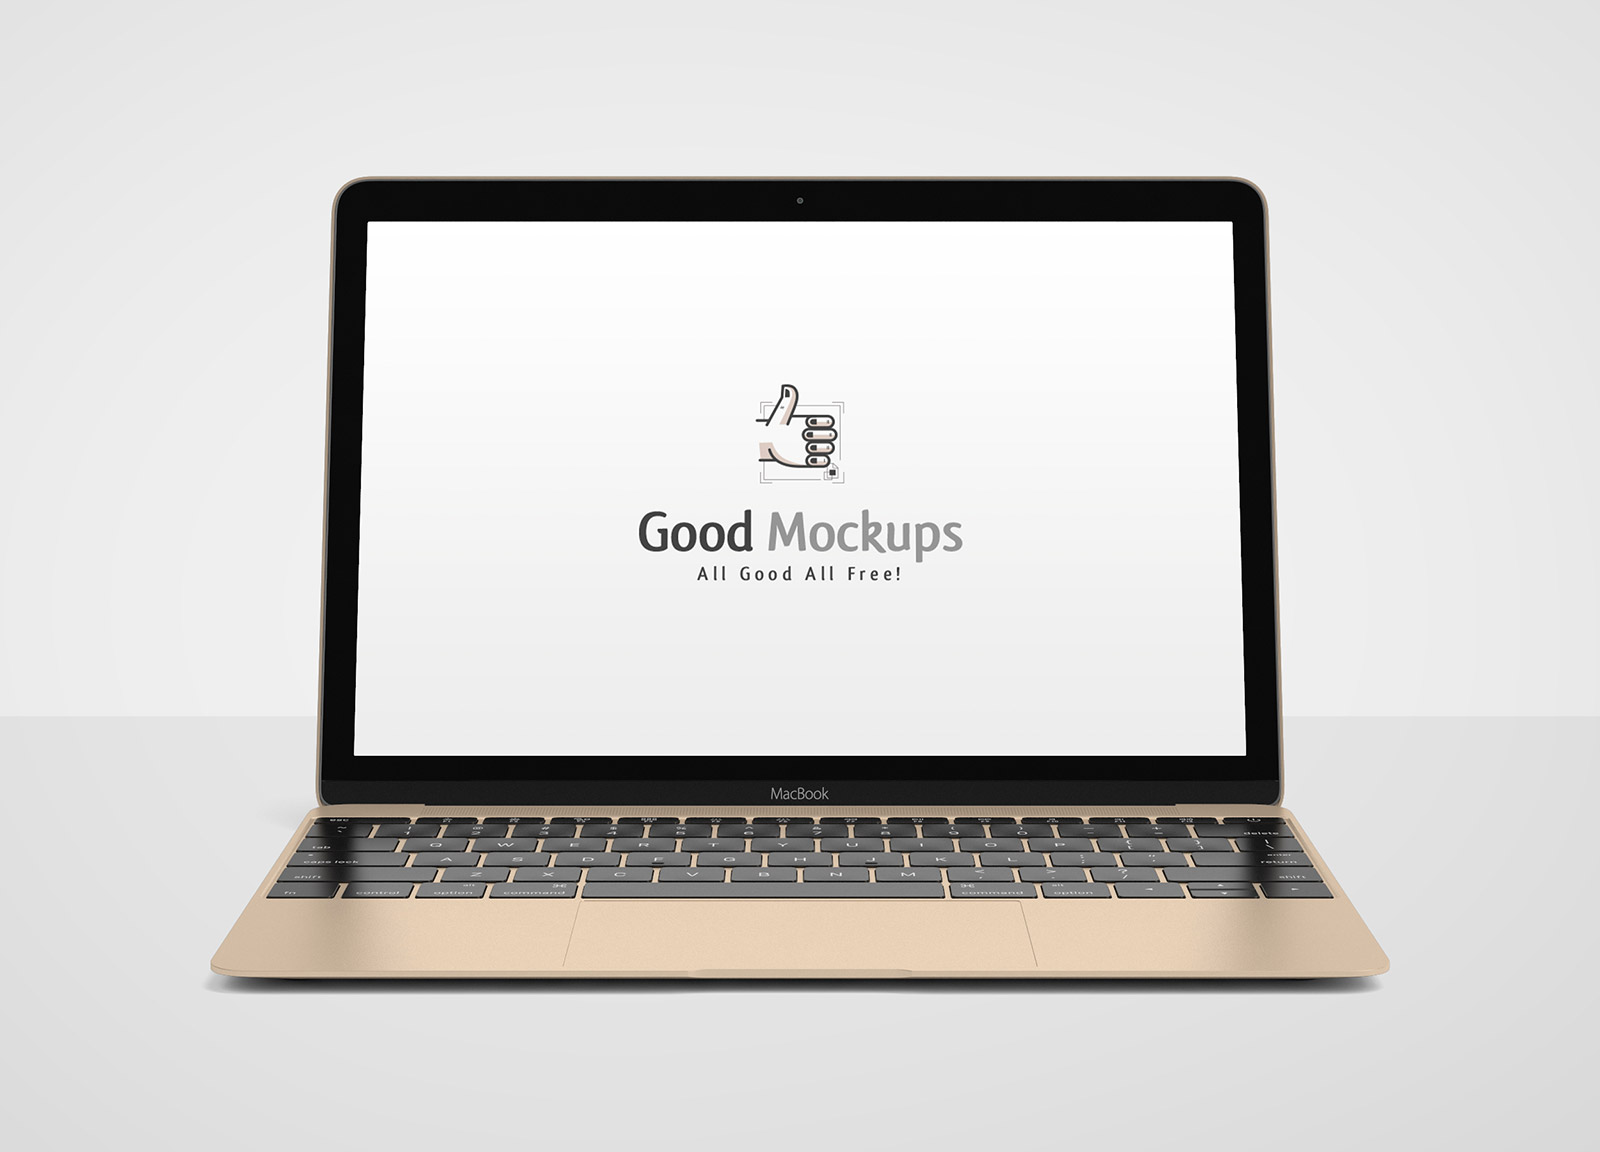 Free apple macbook